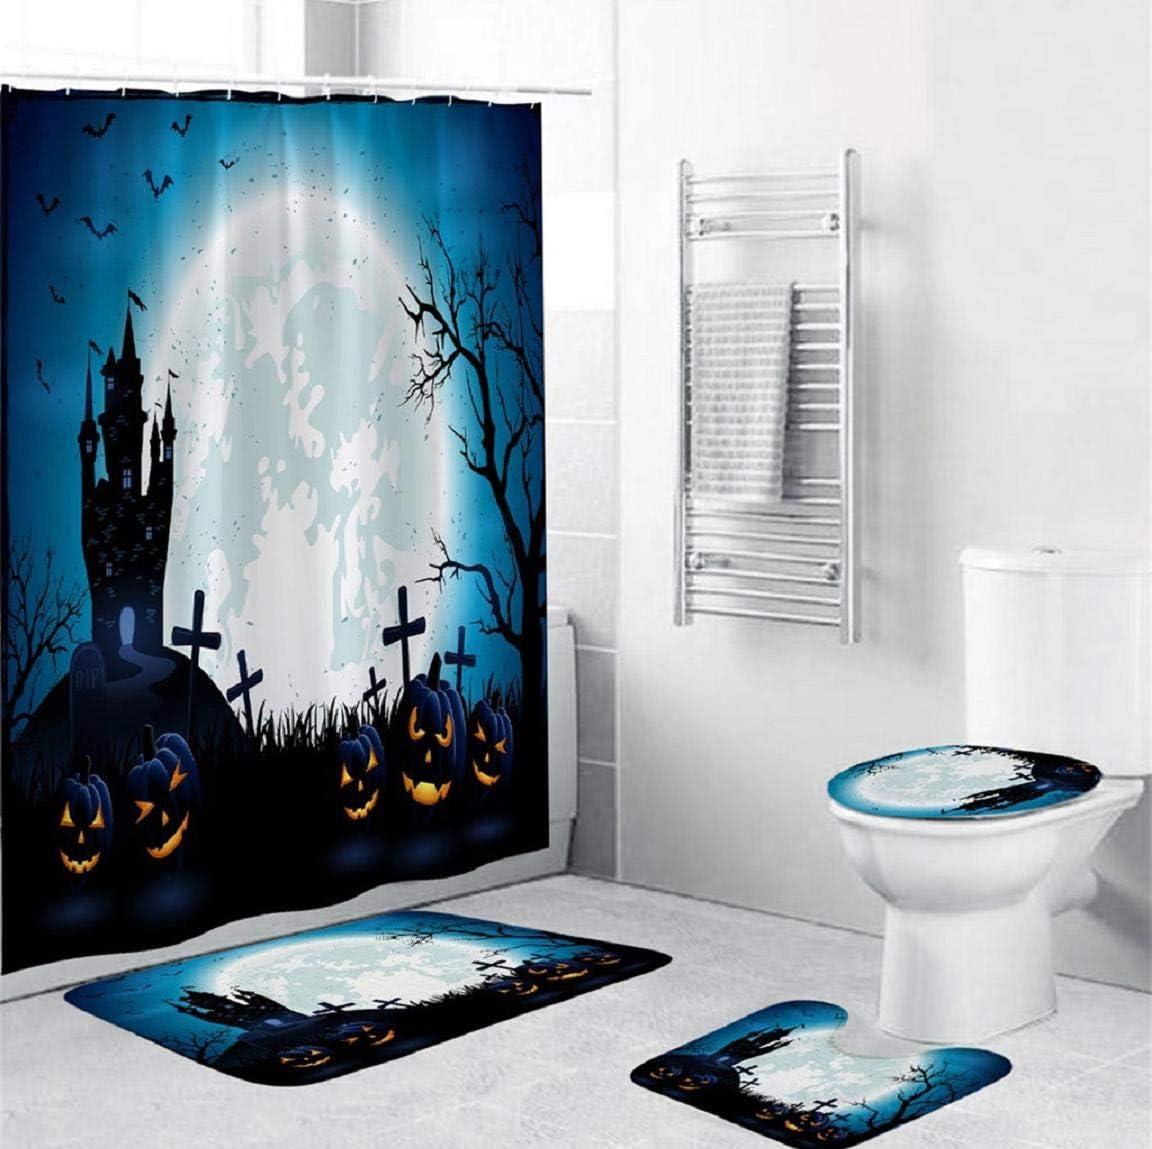 Giraffe Shower Curtain Set Thick Bathroom Rug Bath Mat Non-Slip Toilet Lid Cover